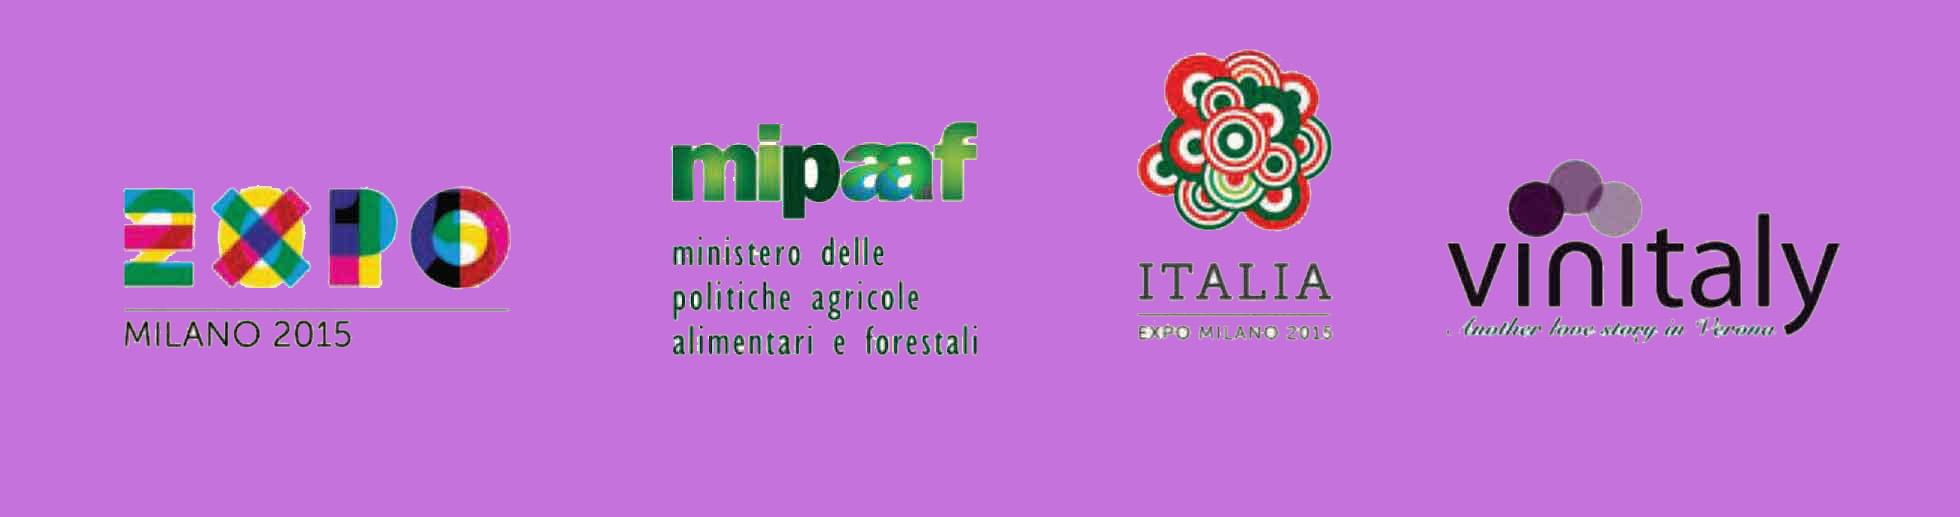 Omaggio a Veronelli nel Road Show di presentazione del padiglione vino di Expo 2015